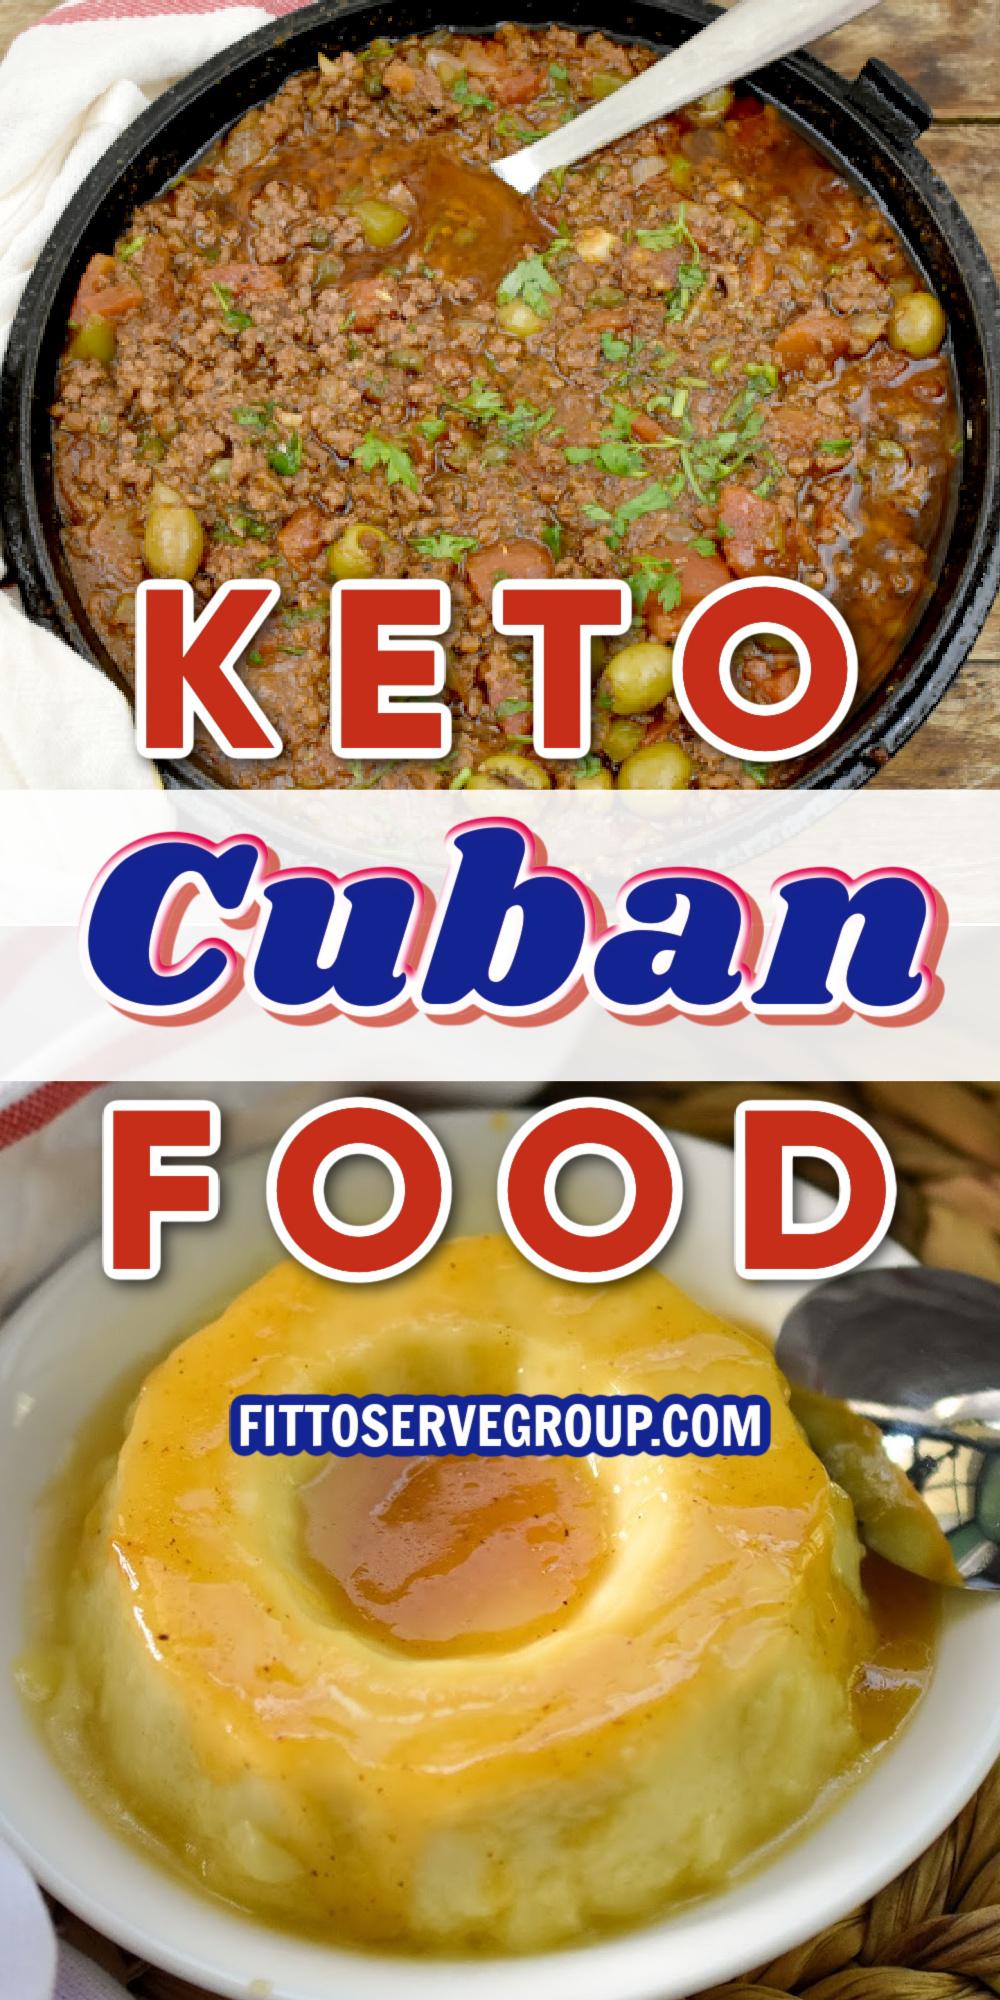 KETO CUBAN FOOD PIN